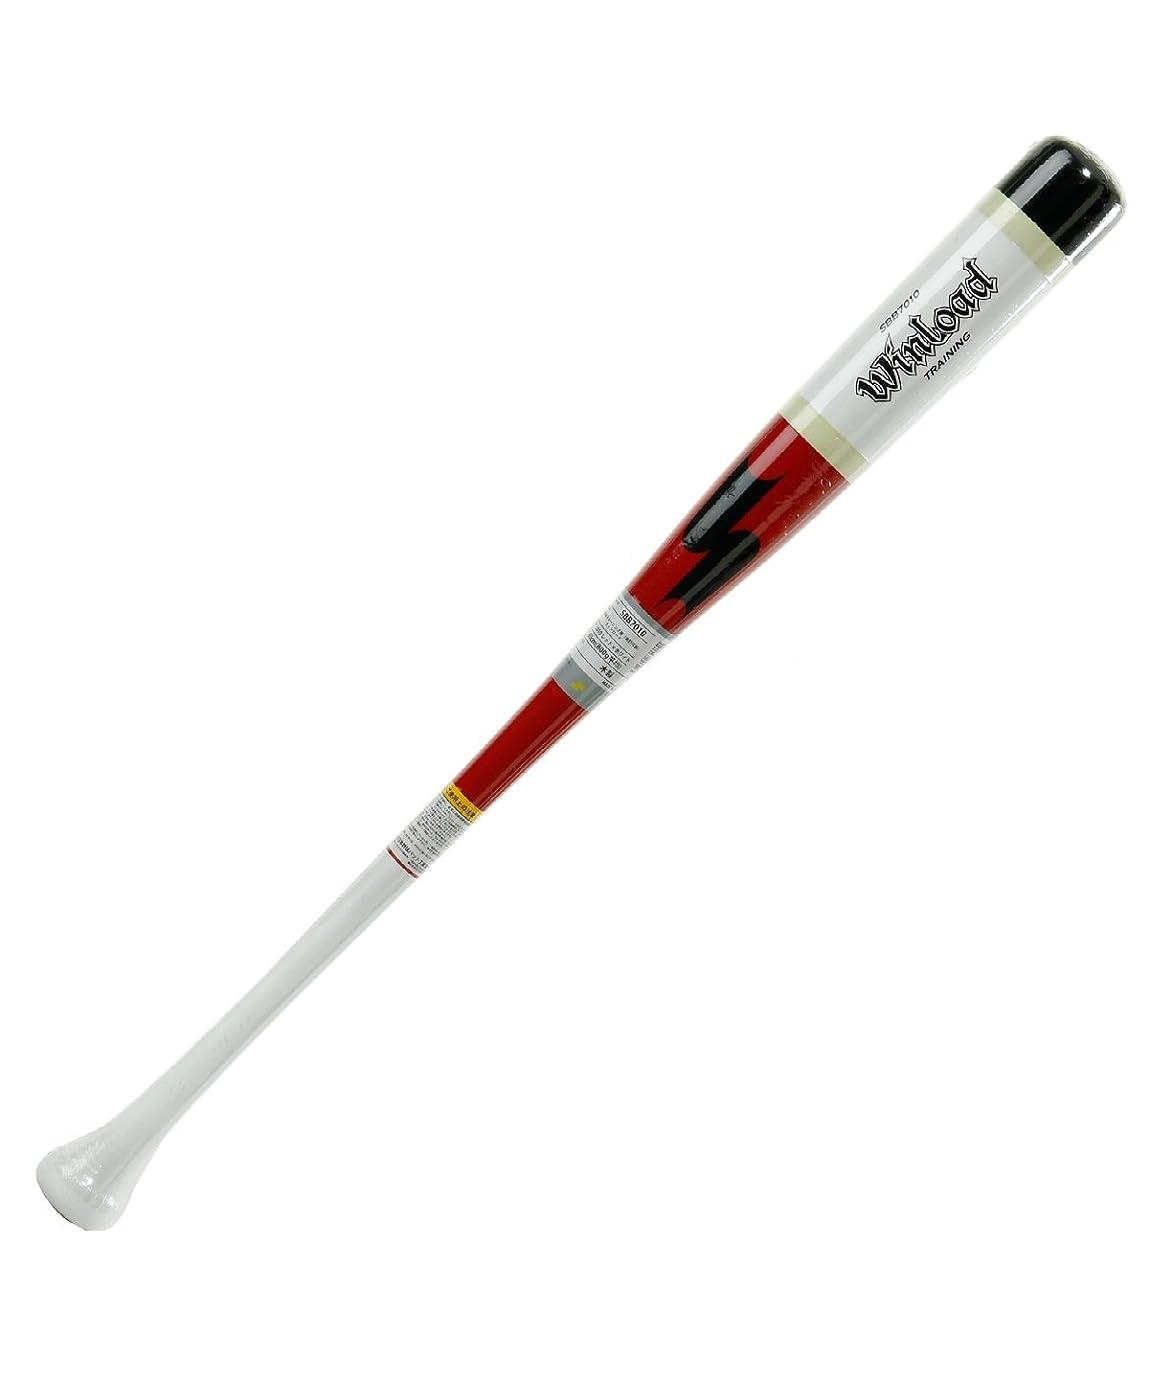 アトミックどういたしまして近代化エスエスケイ 野球 トレーニングバット 少年木製 トレーニング用 実打可能 ウィンロード SBB7010 2010 80